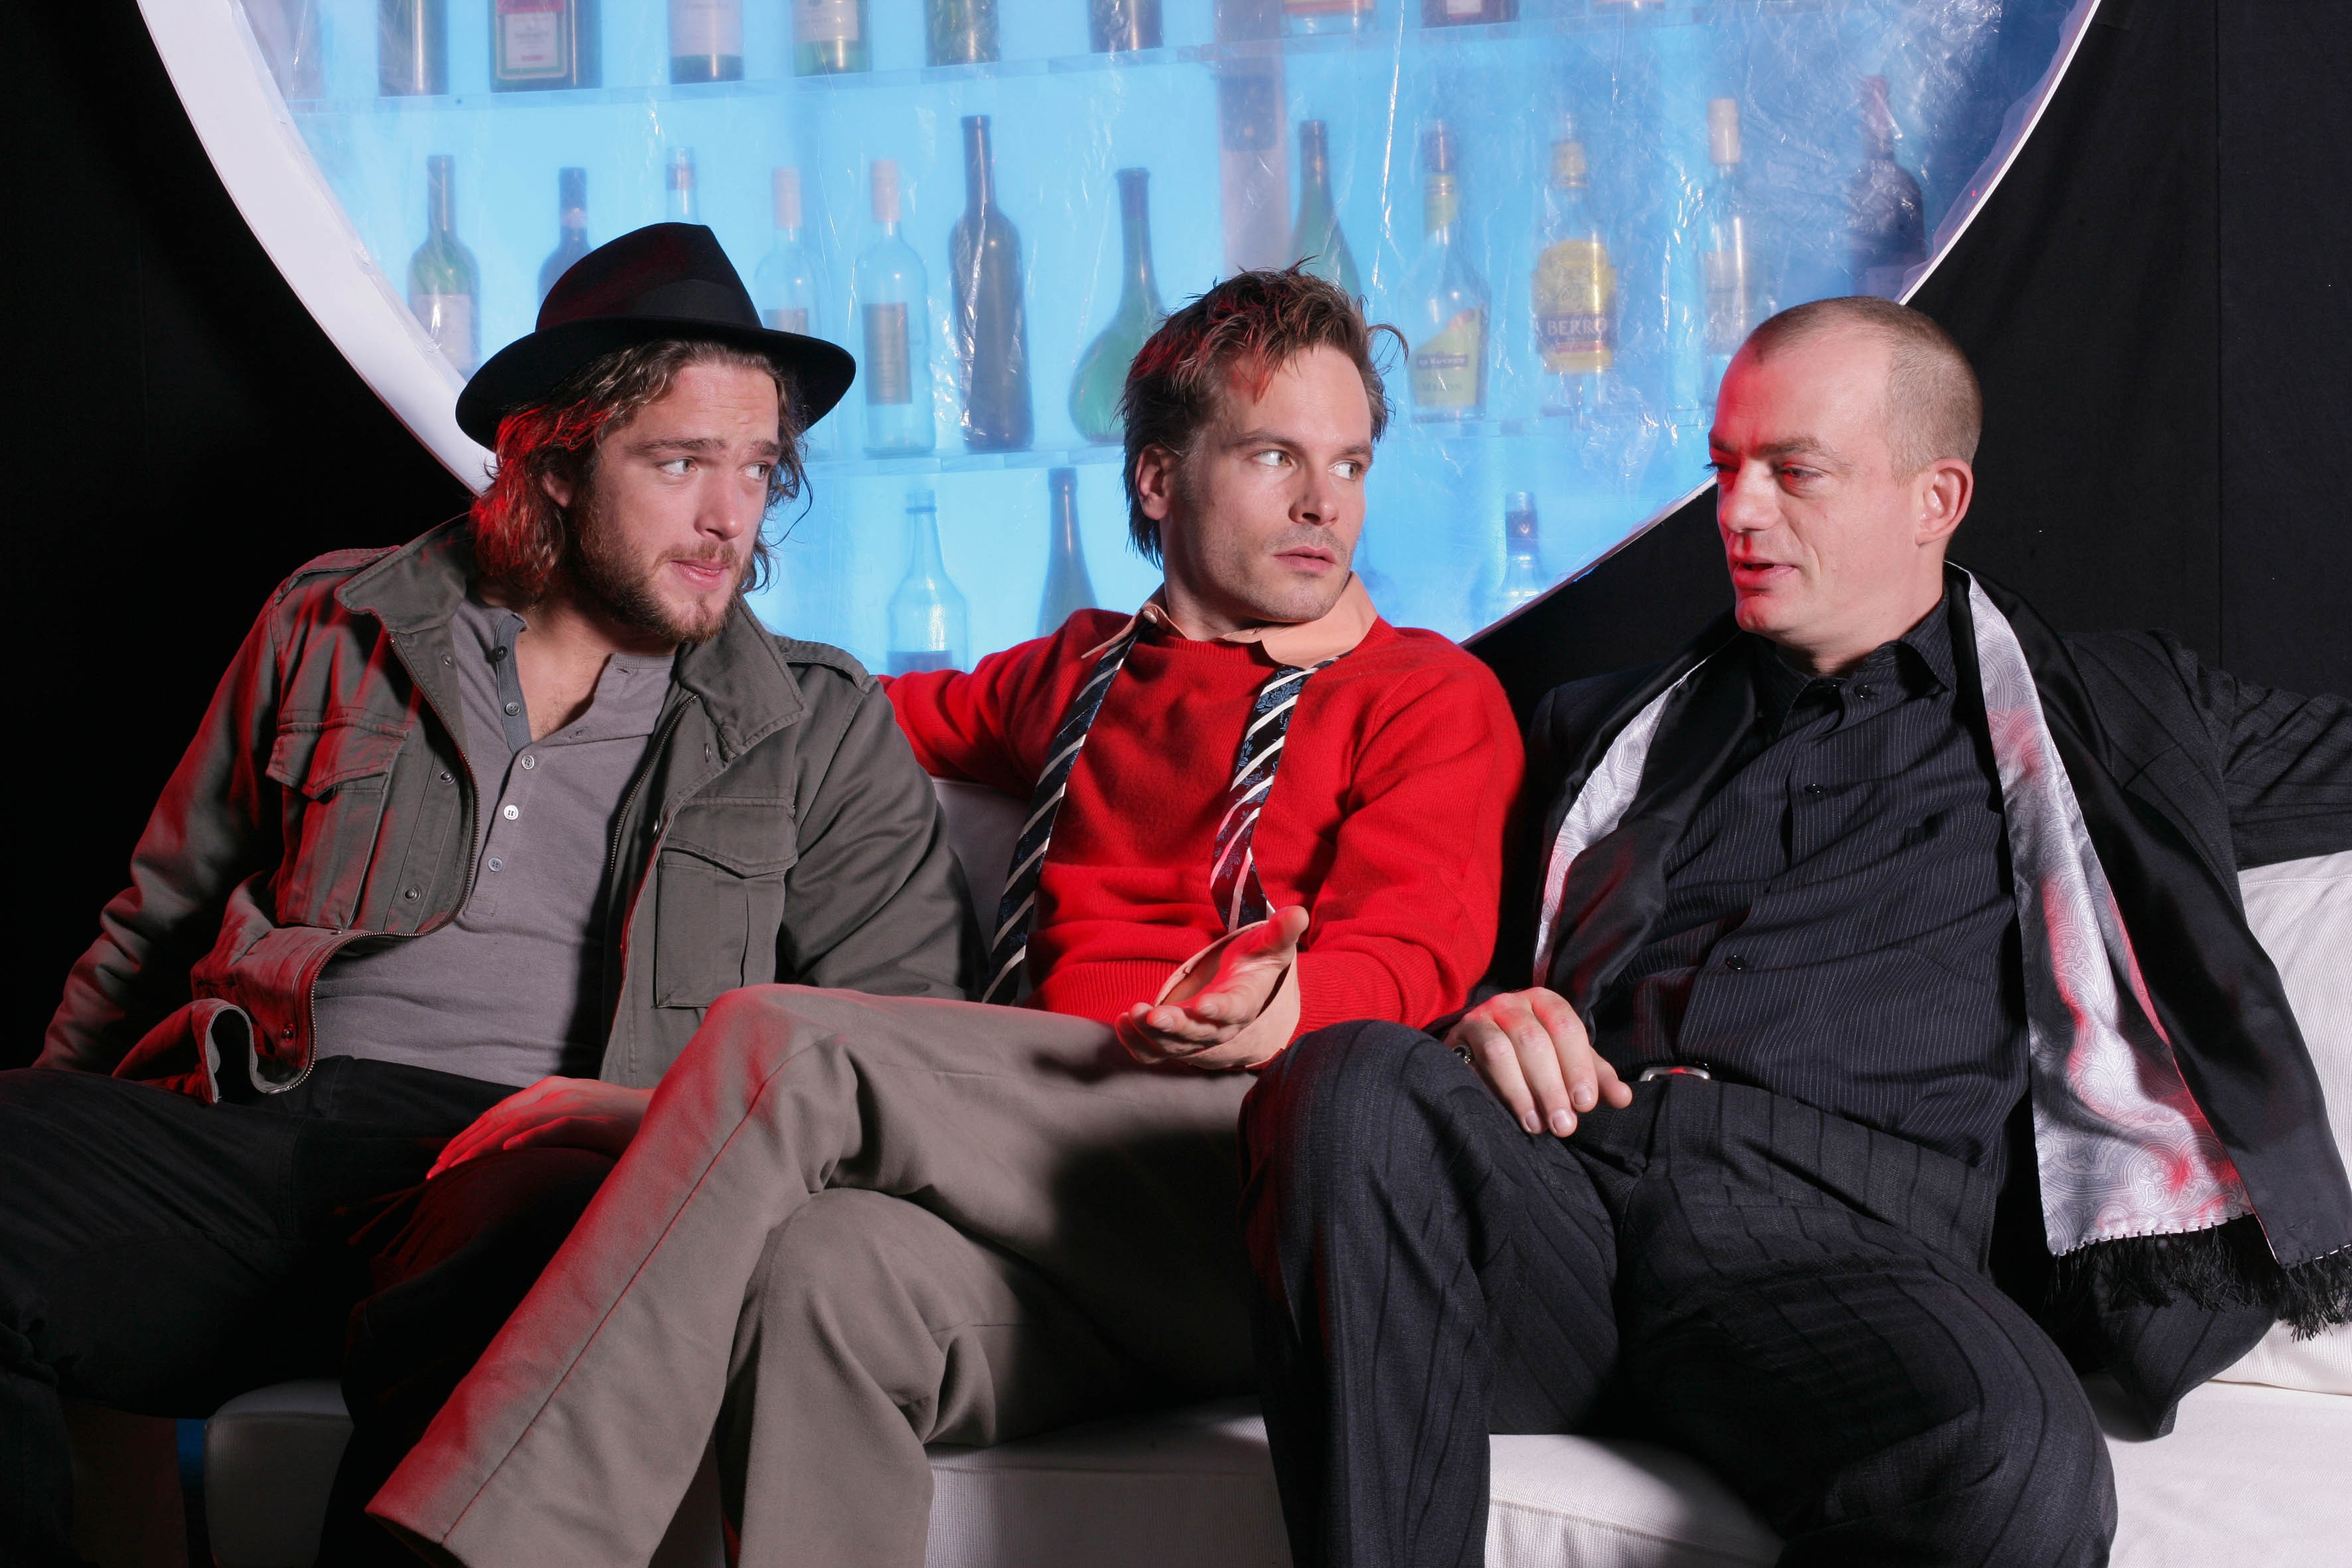 Männergespräche - v.l.n.r.: v.l.n.r.: Ronald Zehrfeld, Wanja Mues, Alexander Schröder - © Oliver Fantitsch